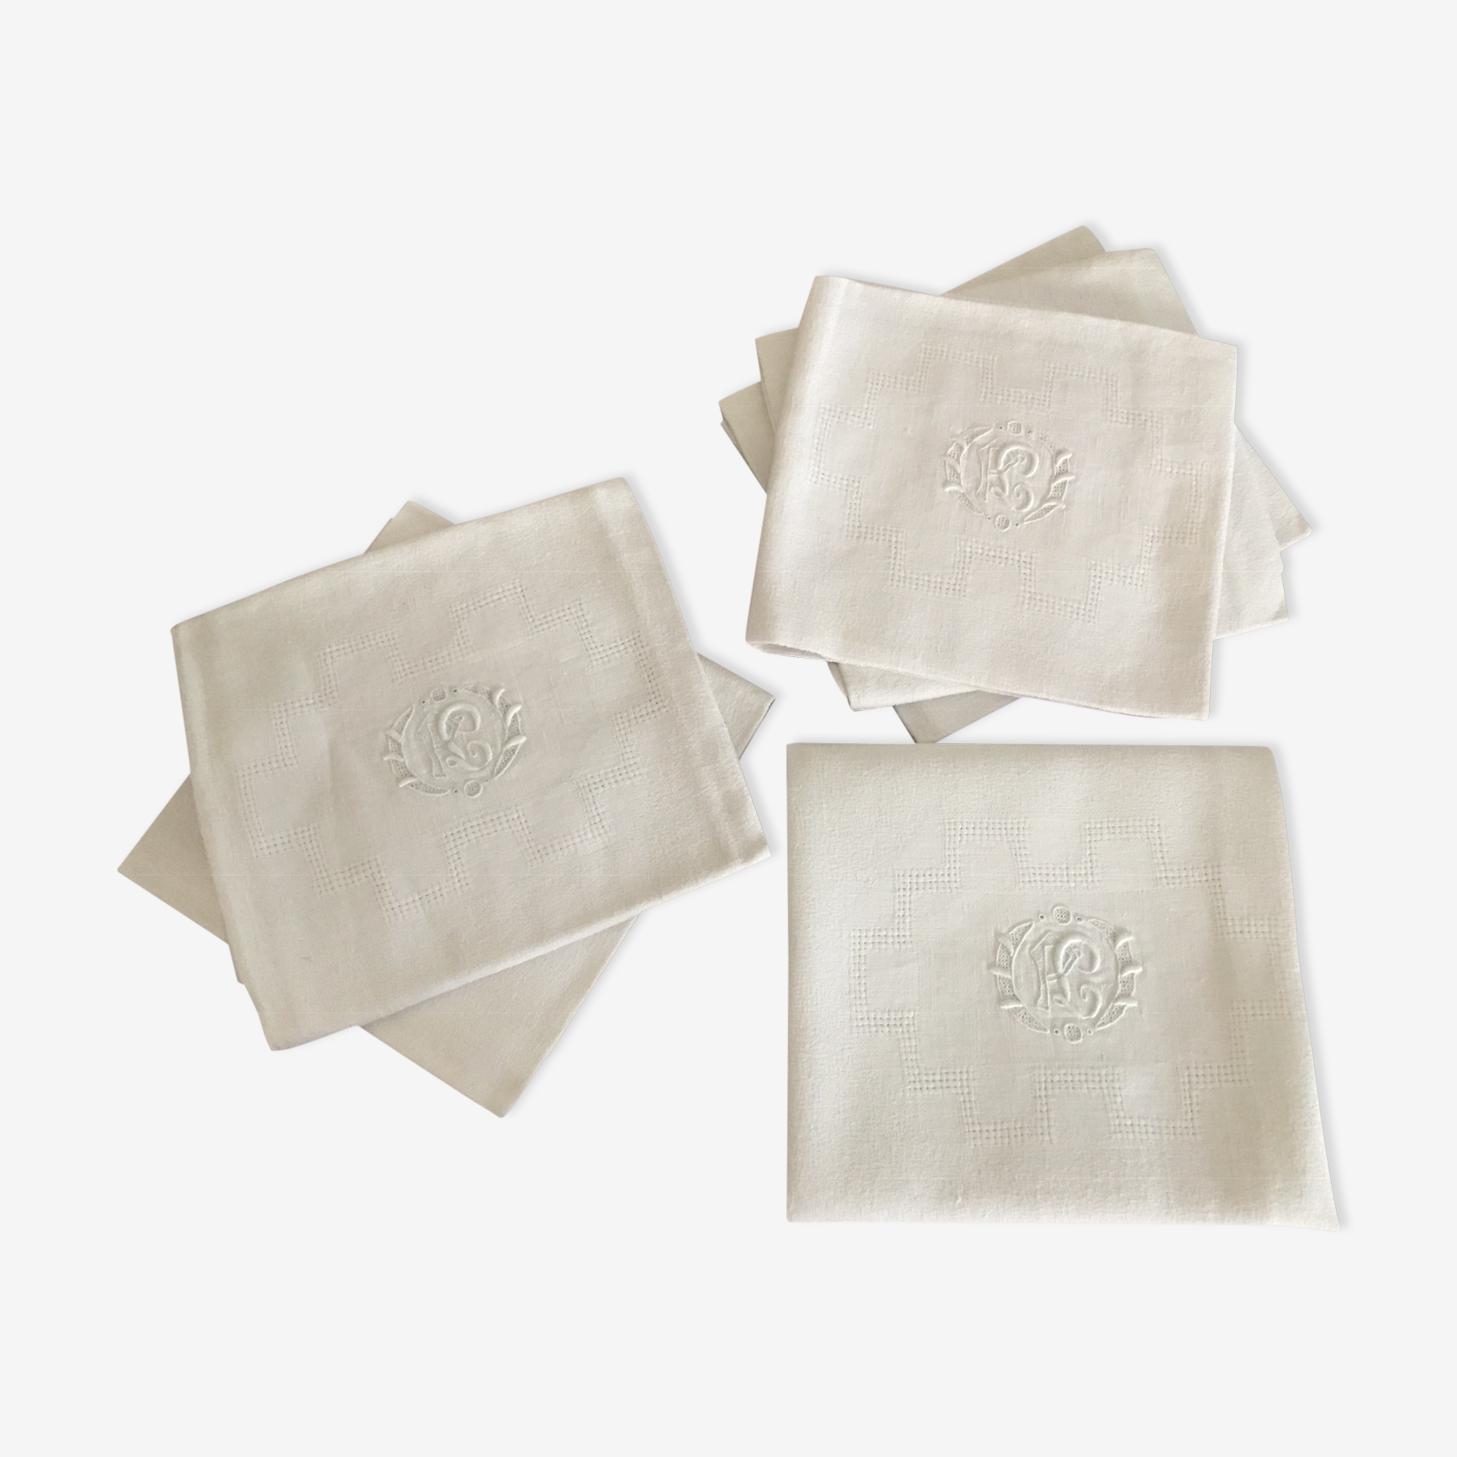 6 serviettes de table monogrammées